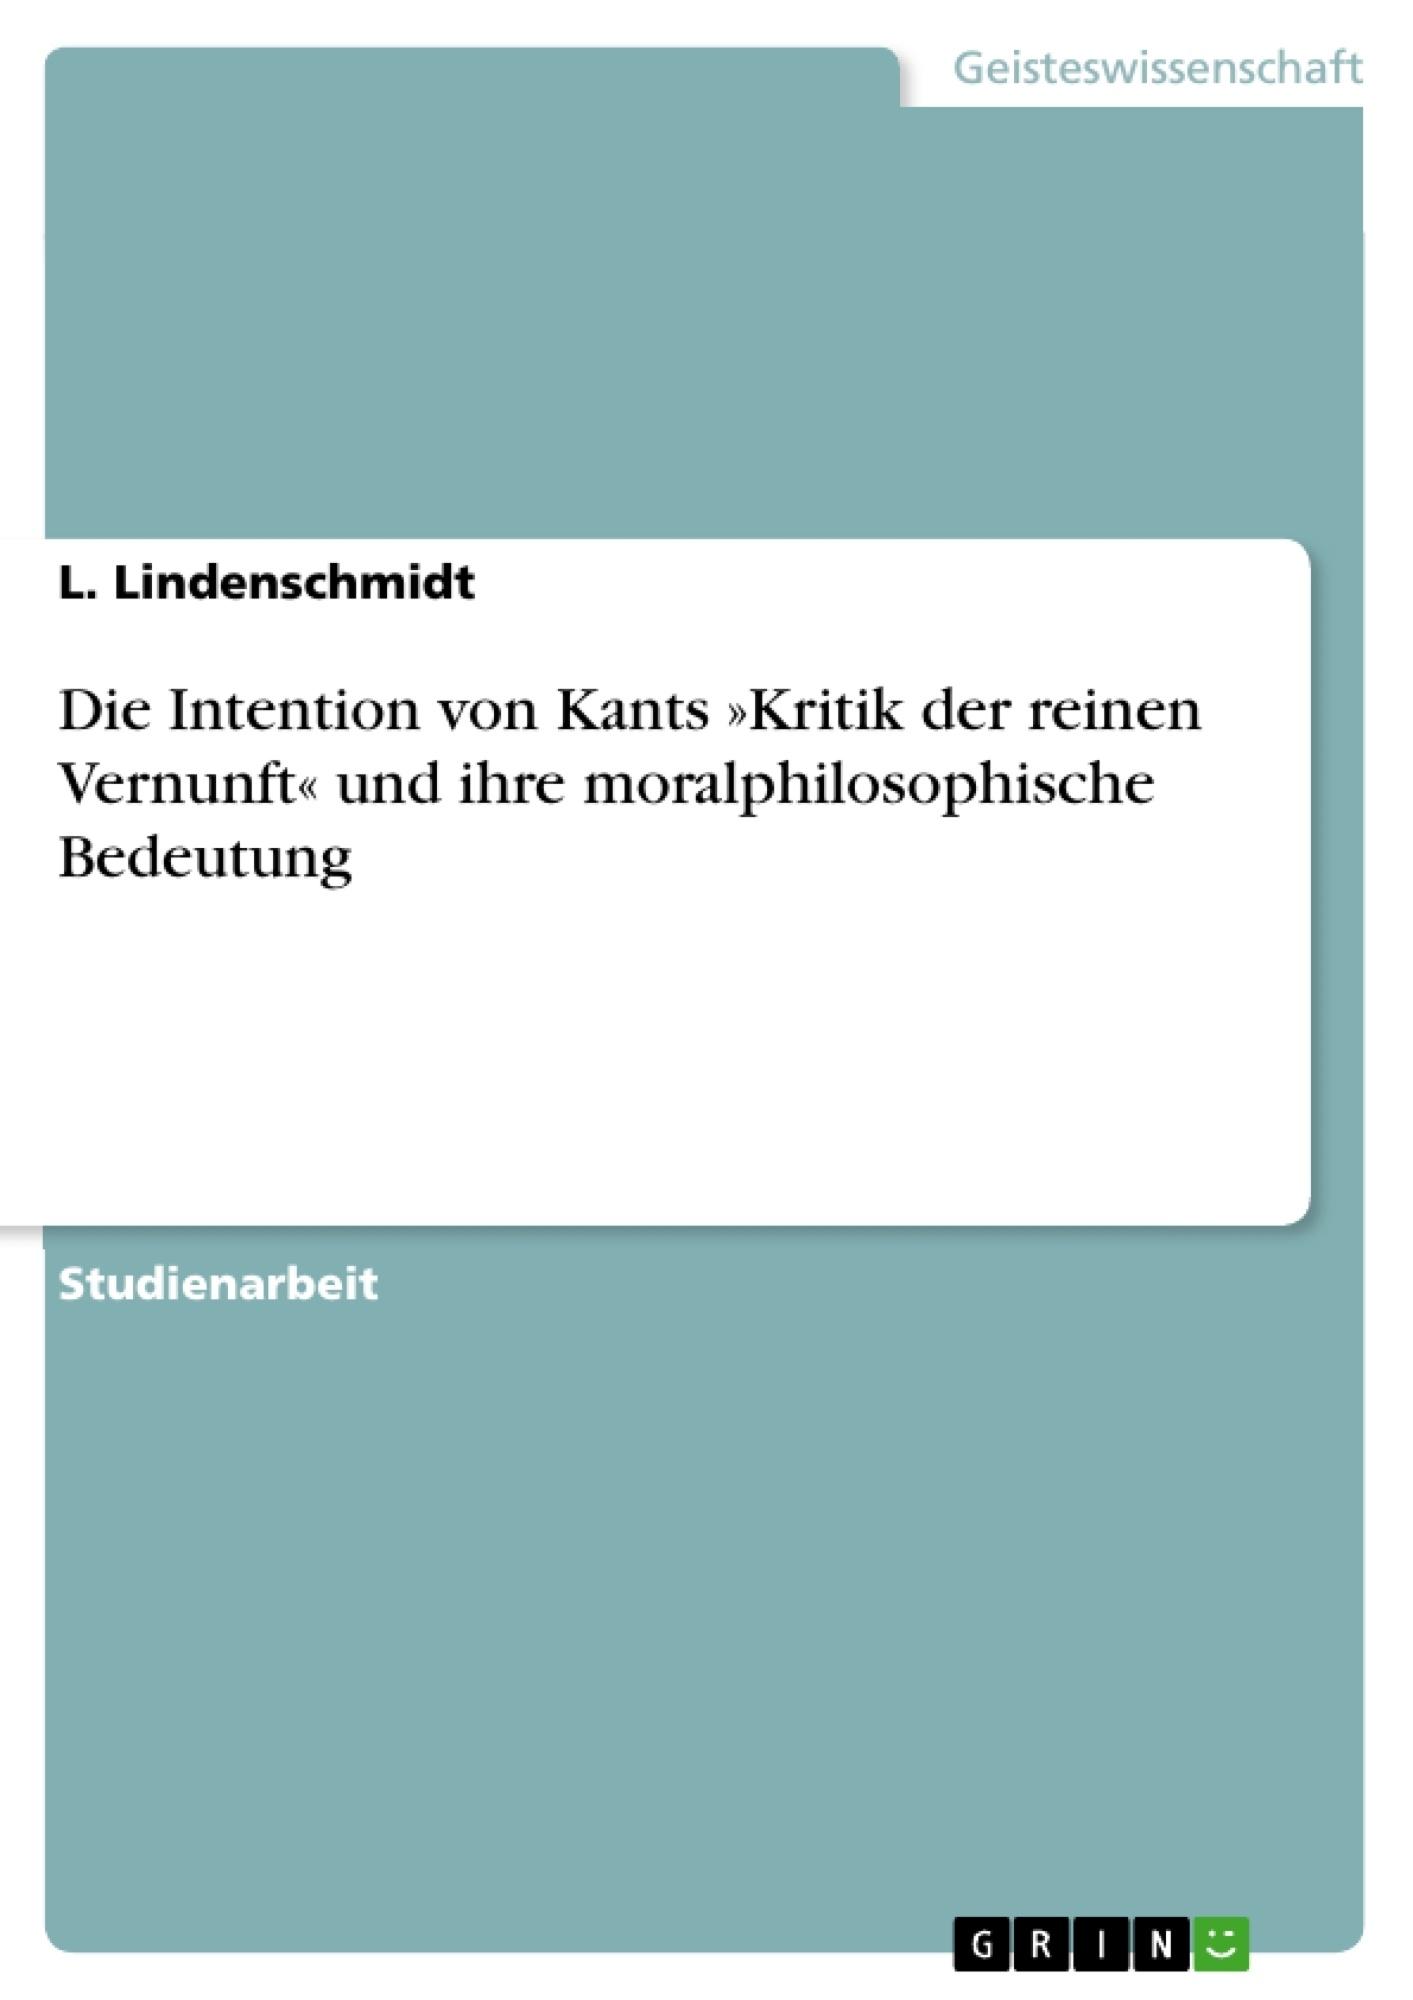 Titel: Die Intention von Kants »Kritik der reinen Vernunft« und ihre moralphilosophische Bedeutung